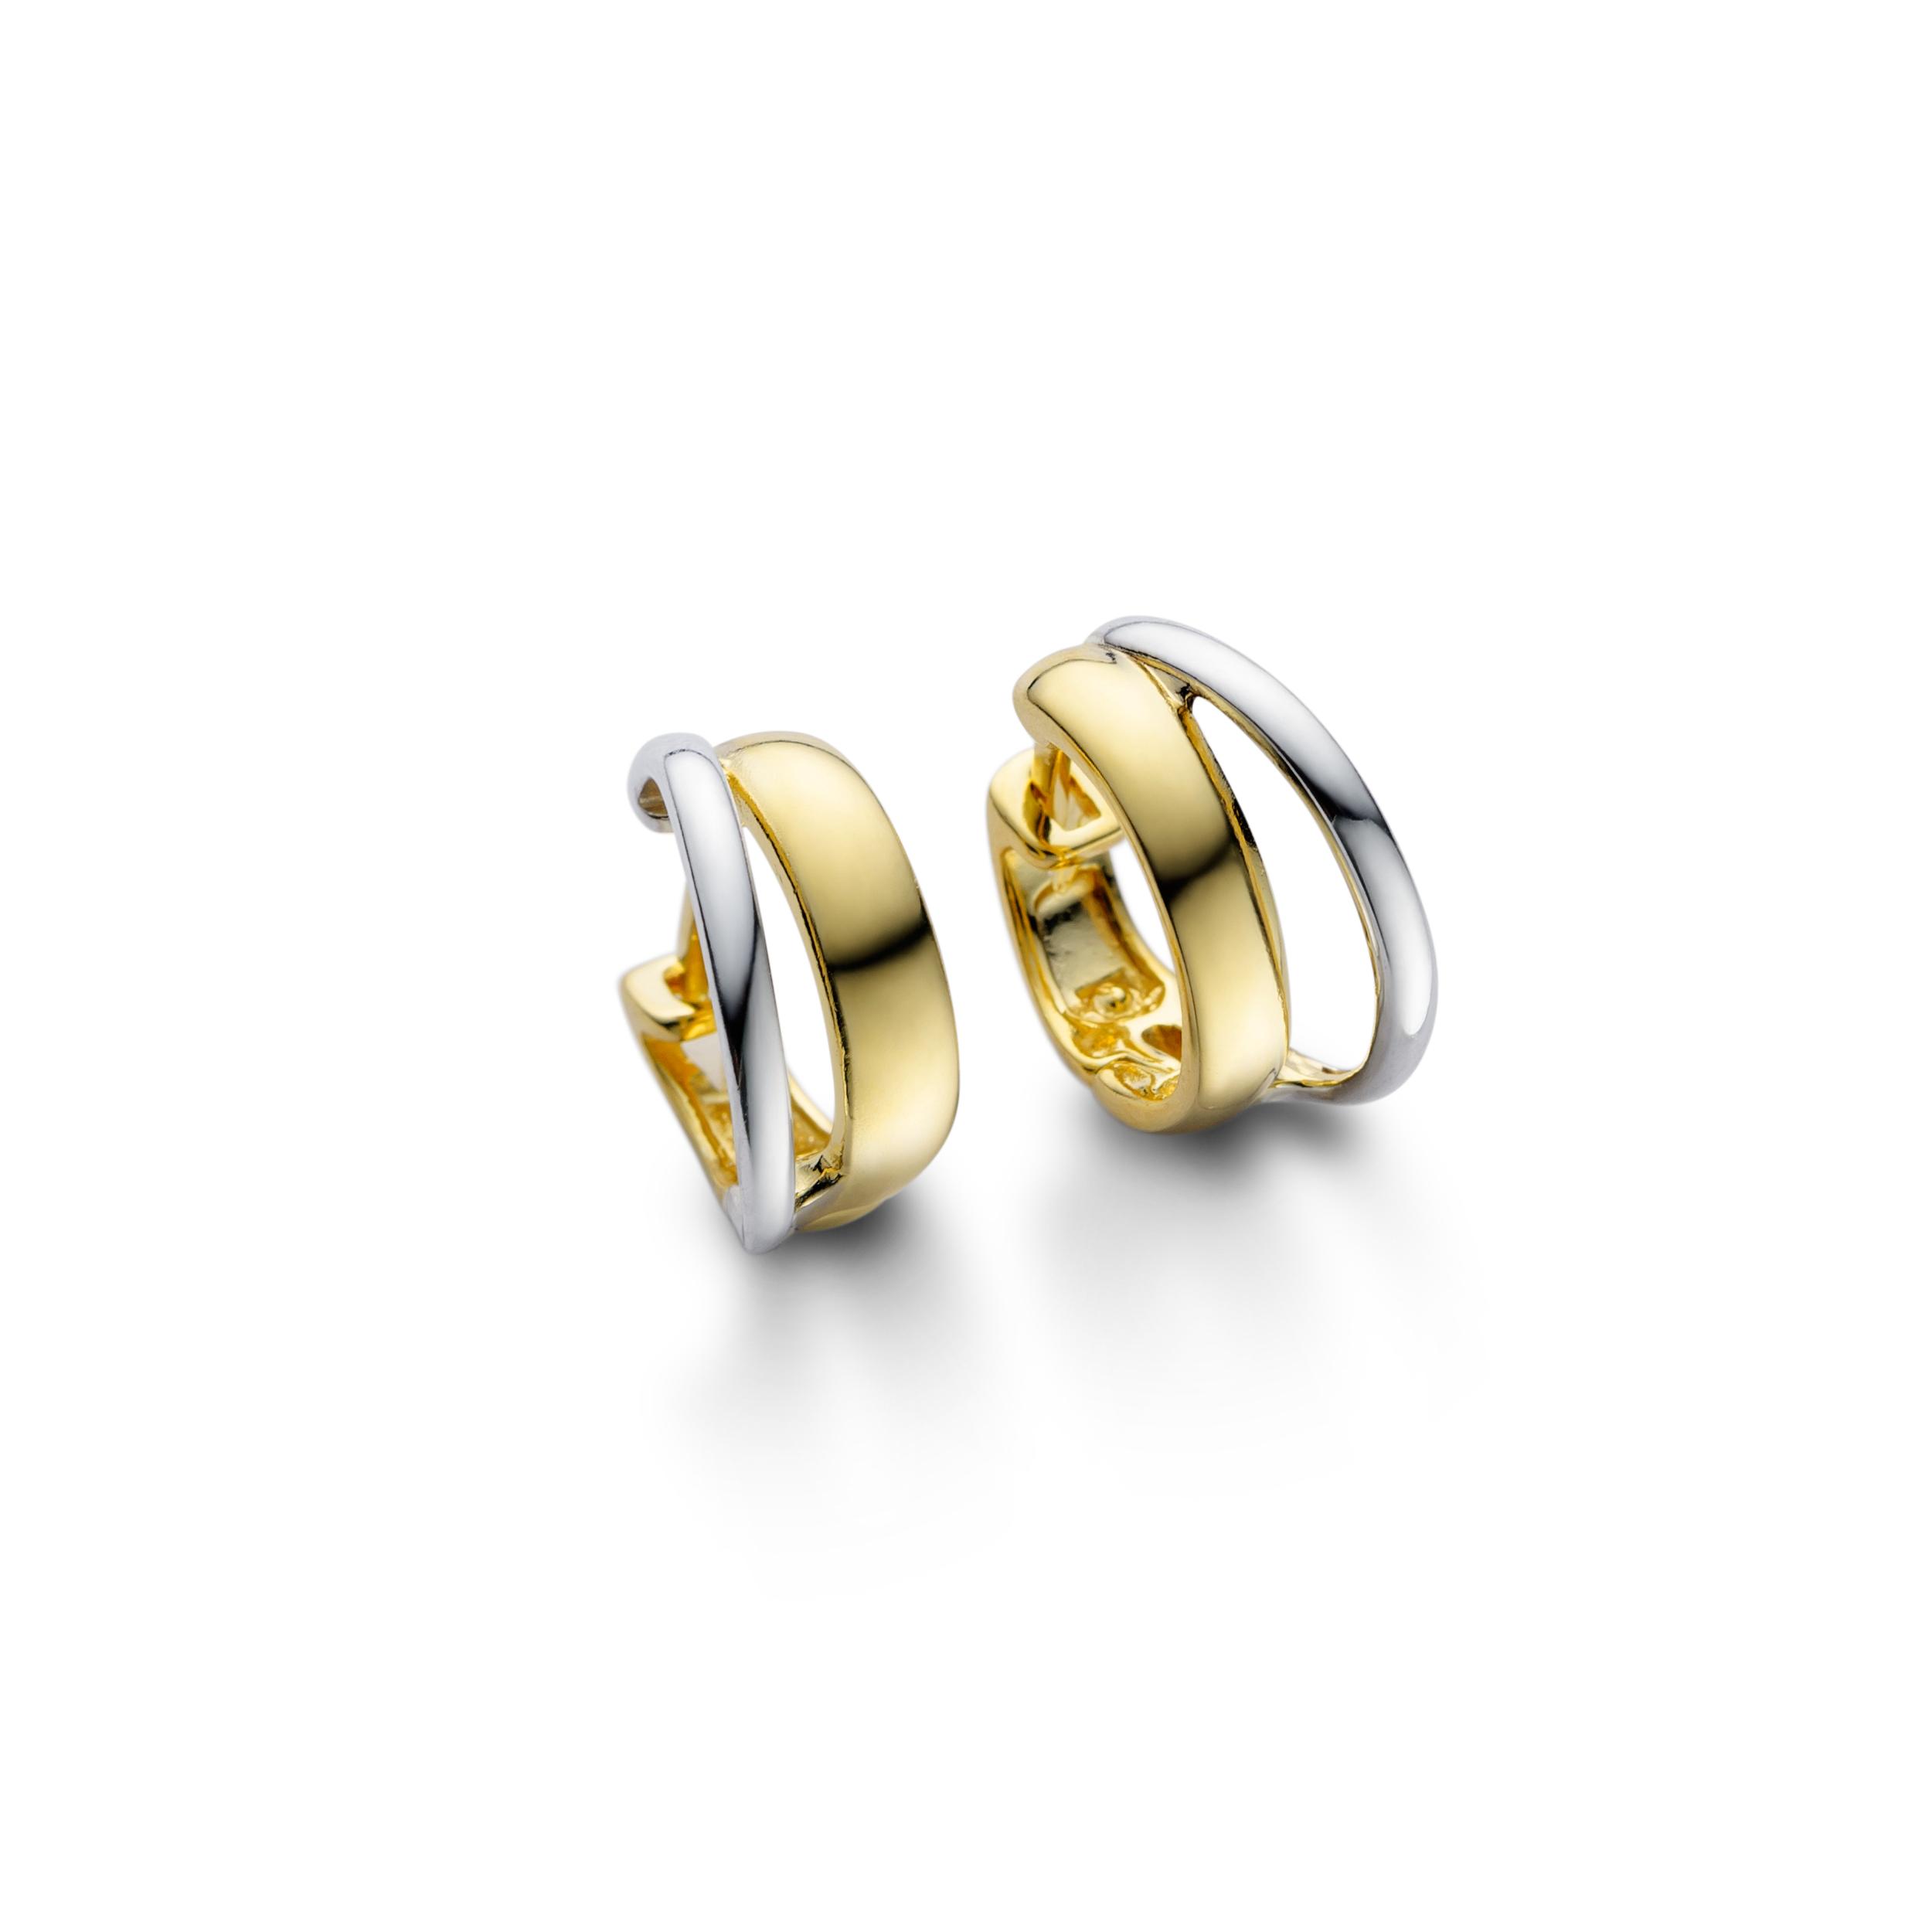 9e0c53d1f8e71 Brilho Folheados - Brinco Argola Dupla Pequena tons de ouro